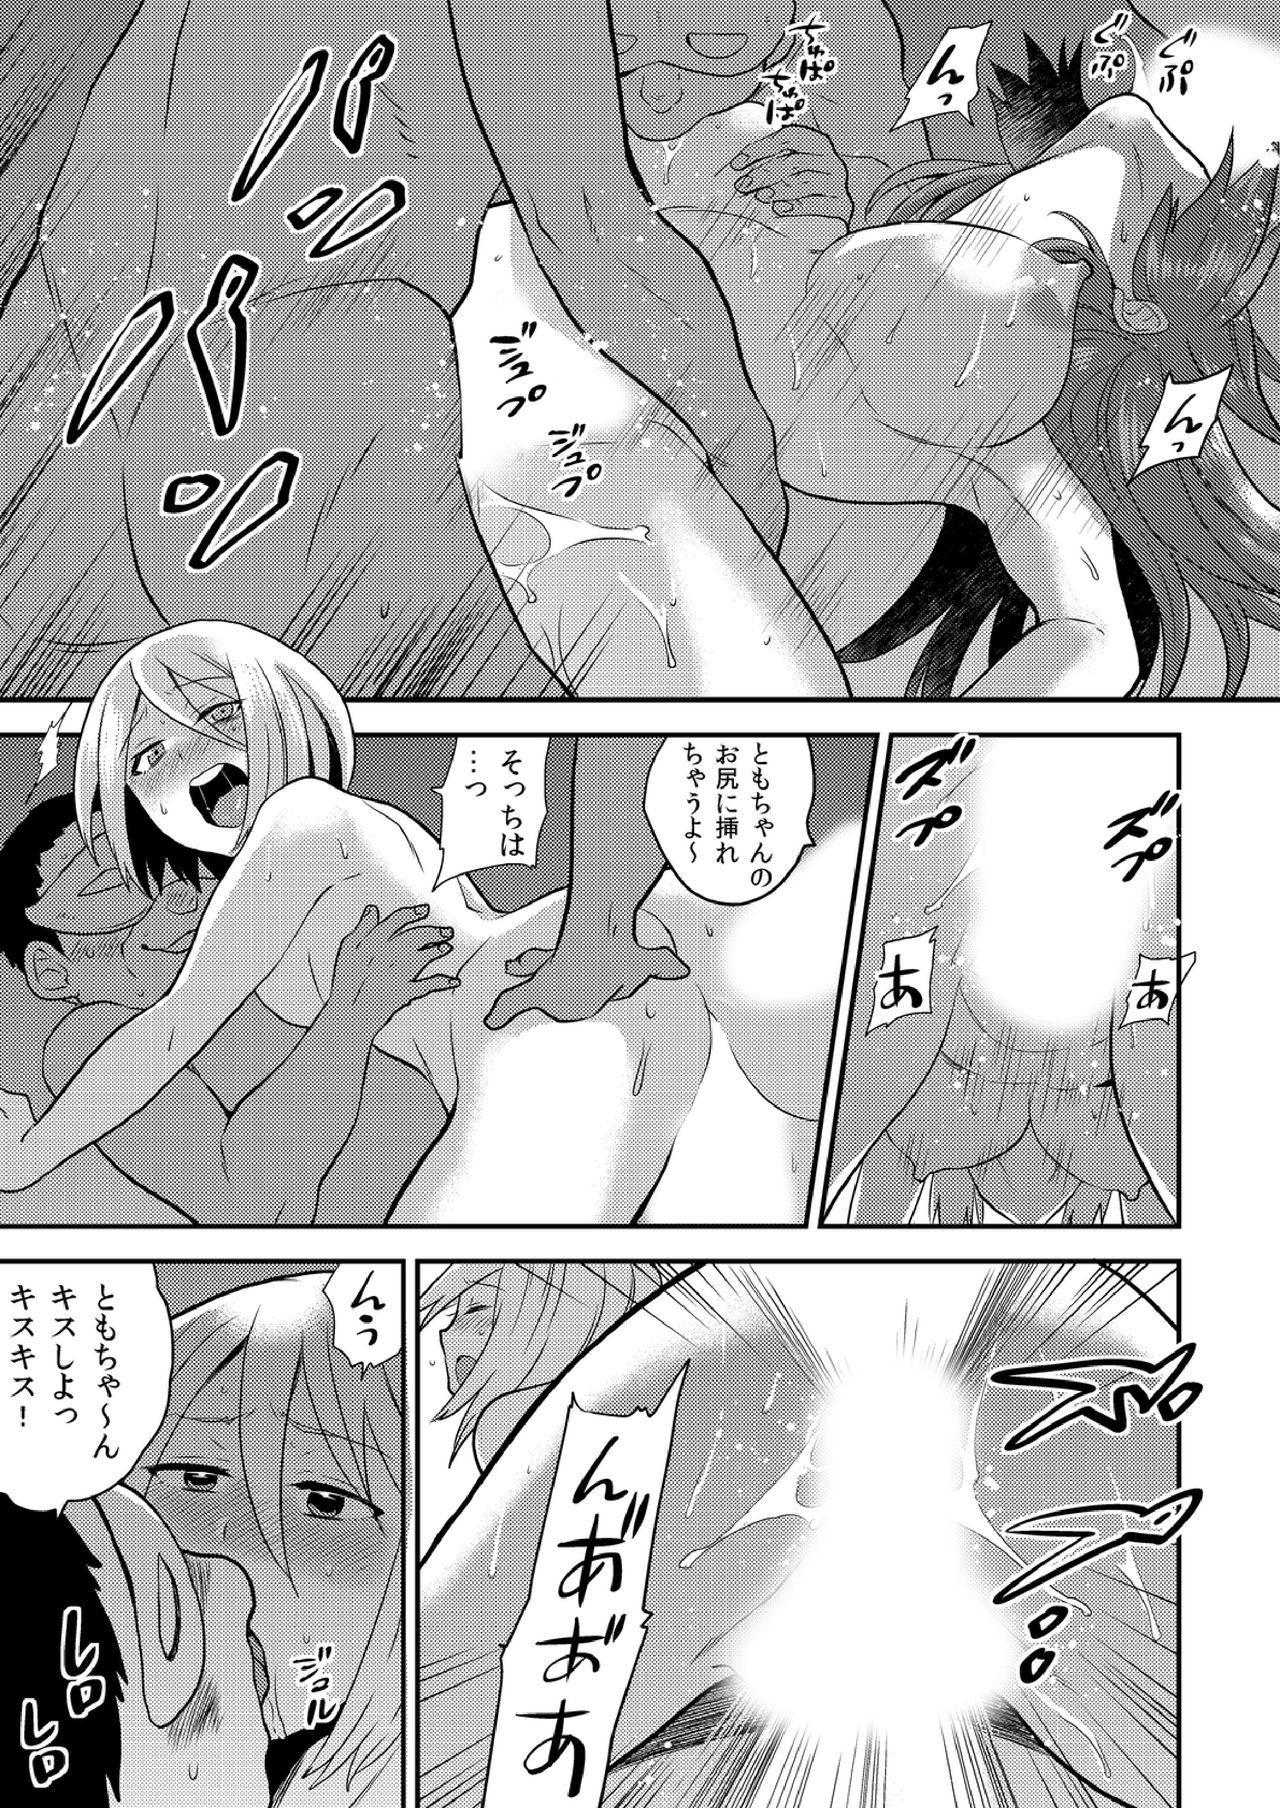 Nyotaika Health de Bikun Bikun ★ Ore no Omame ga Chou Binkan! 19